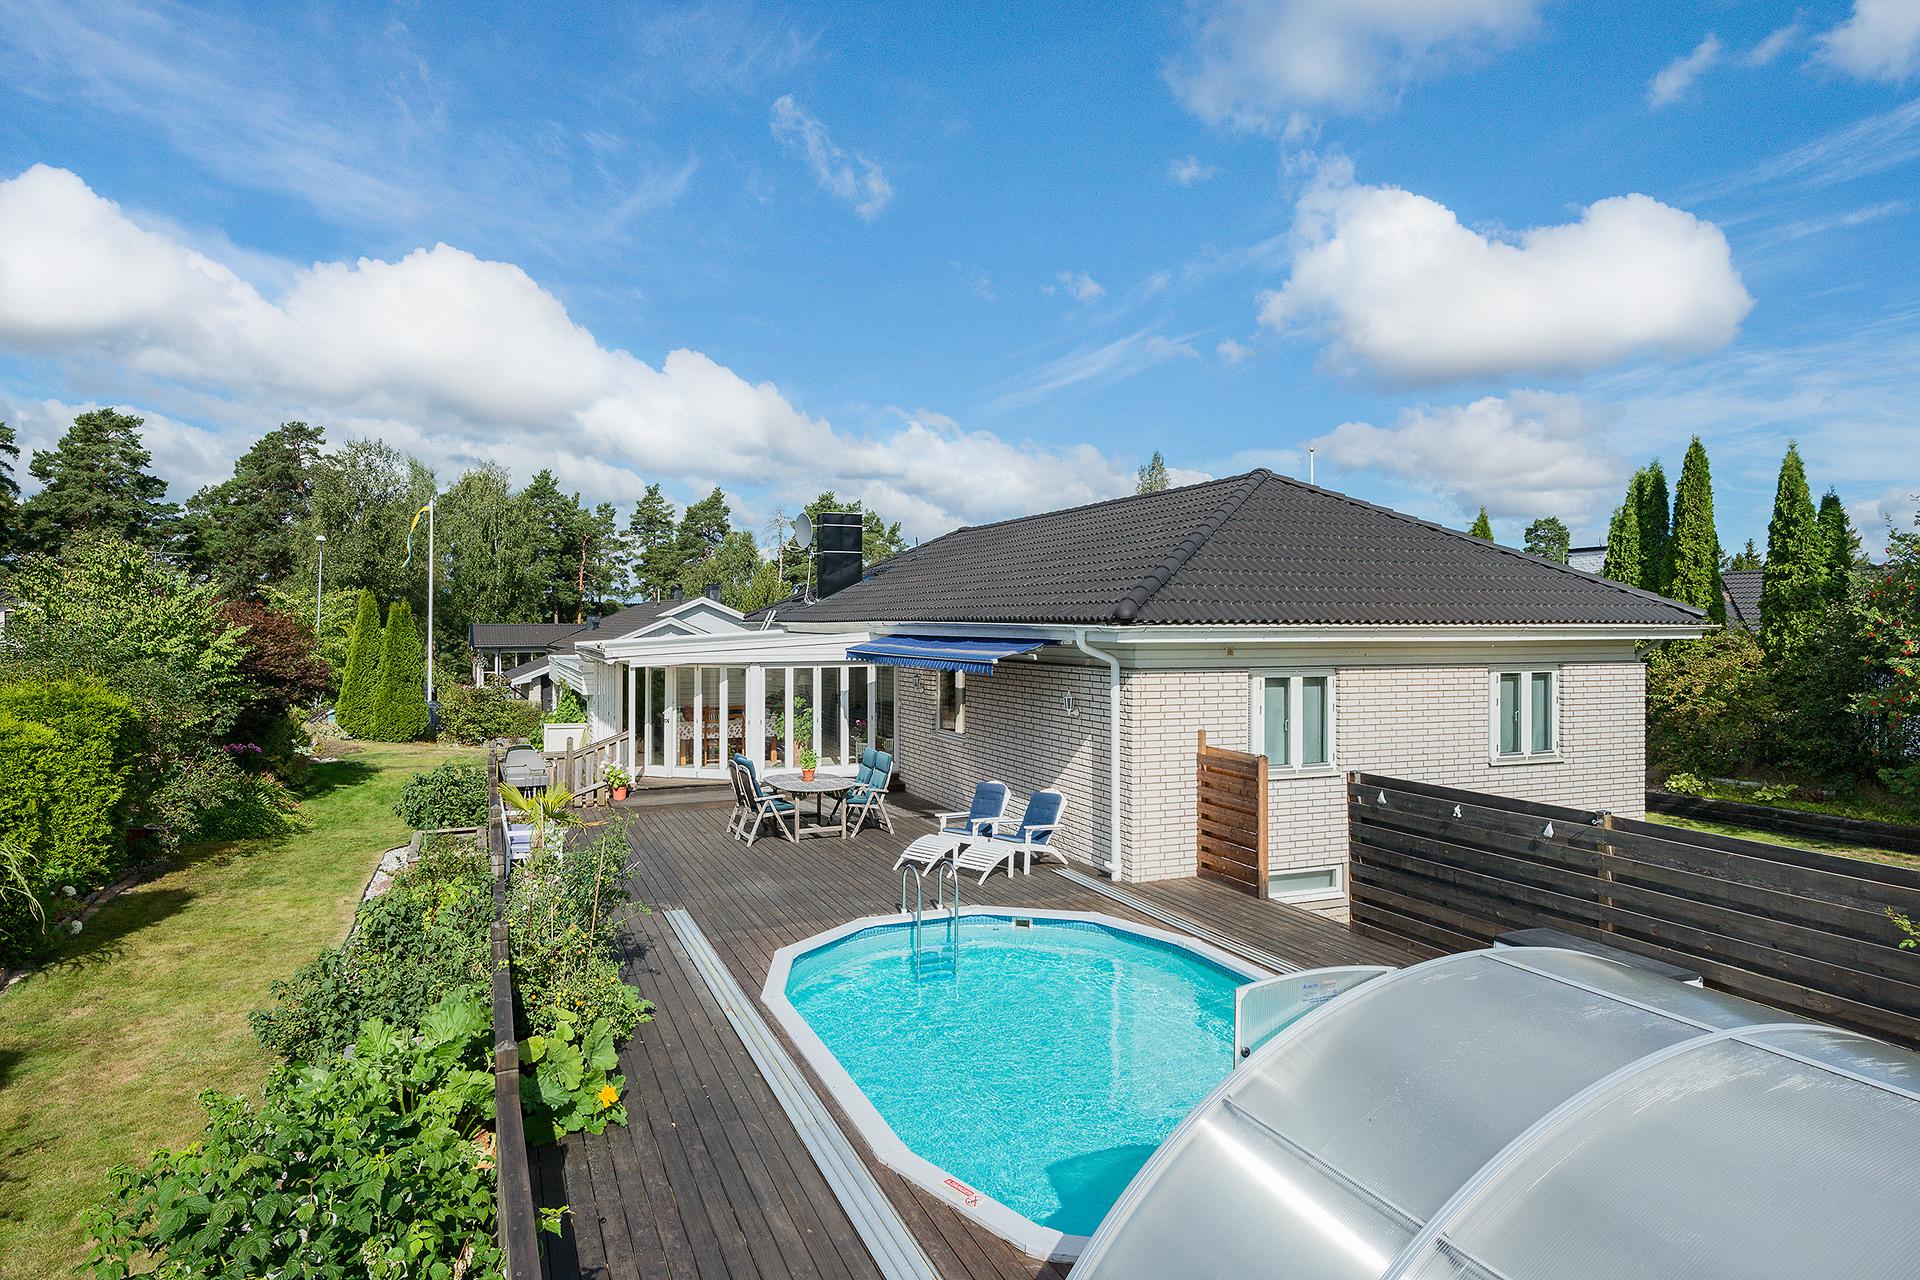 Trevlig villa med pool